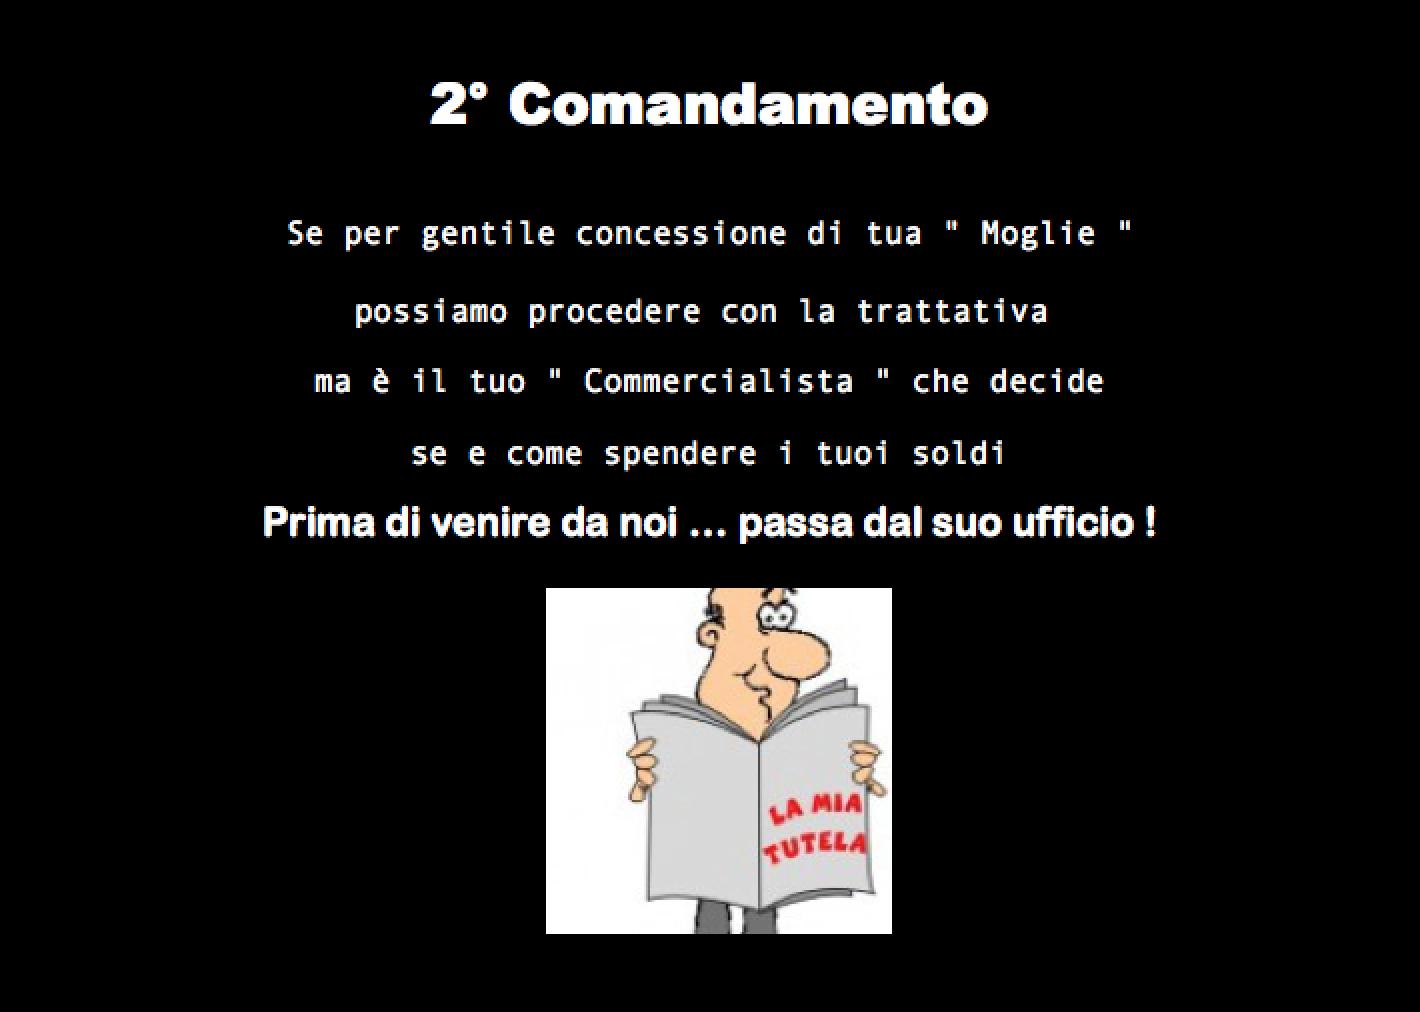 2° Comandamento.jpg